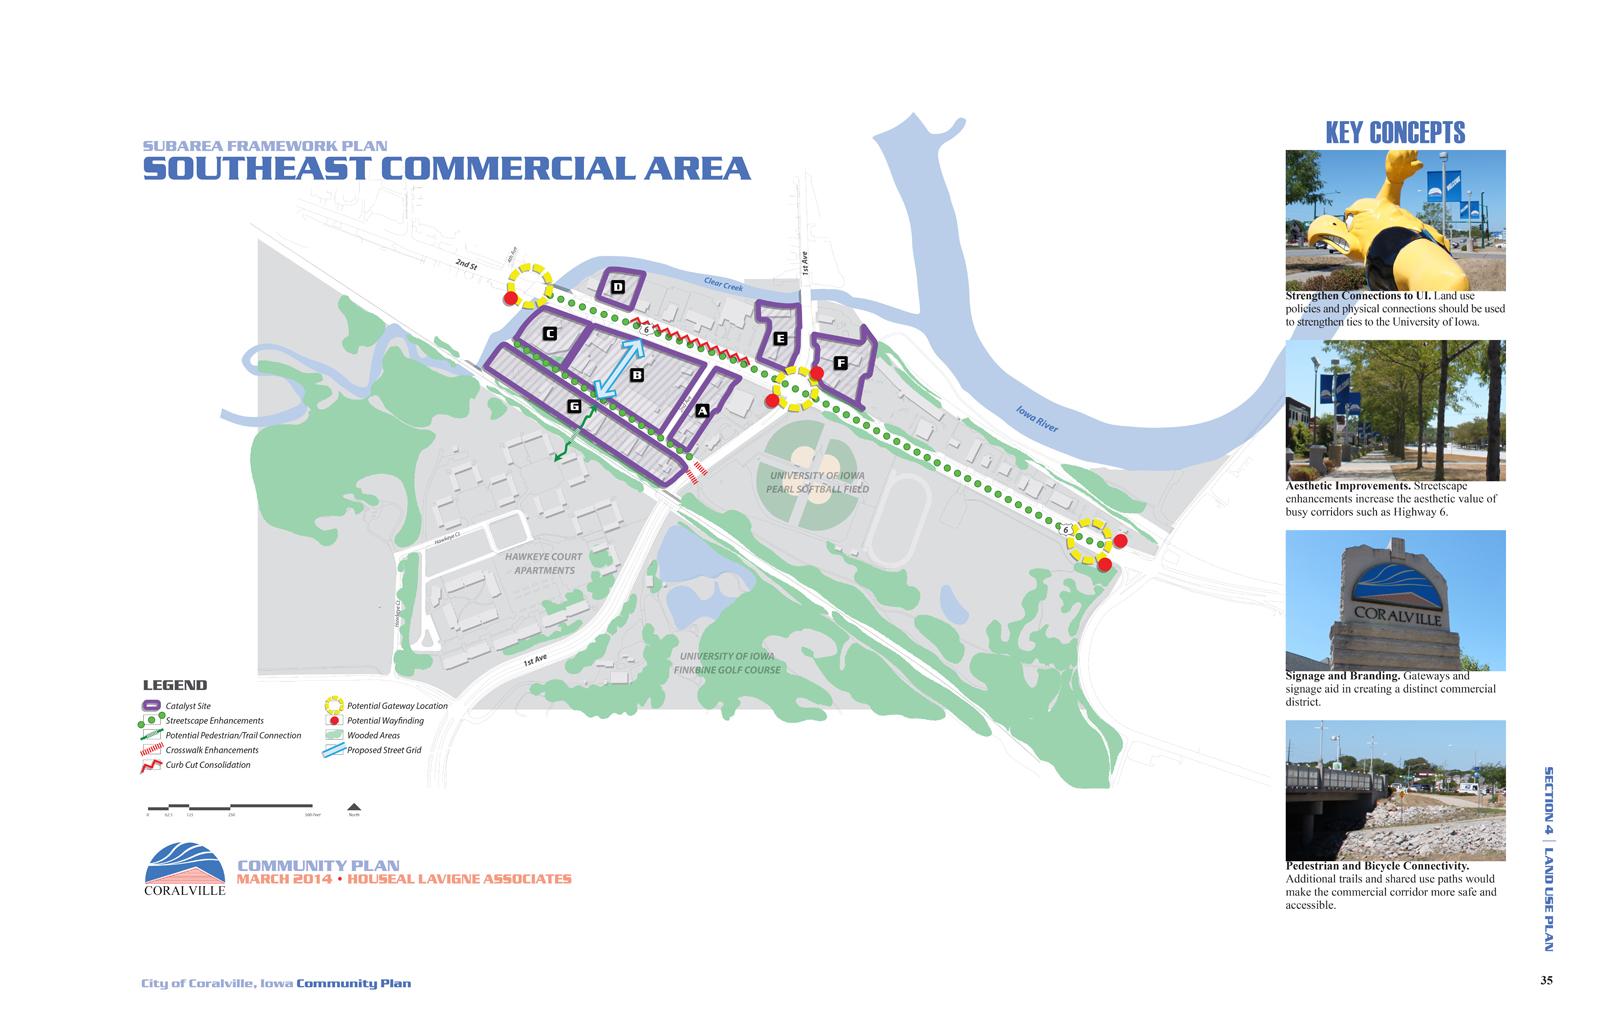 Coralville Community Plan FINAL HQ-41 copy